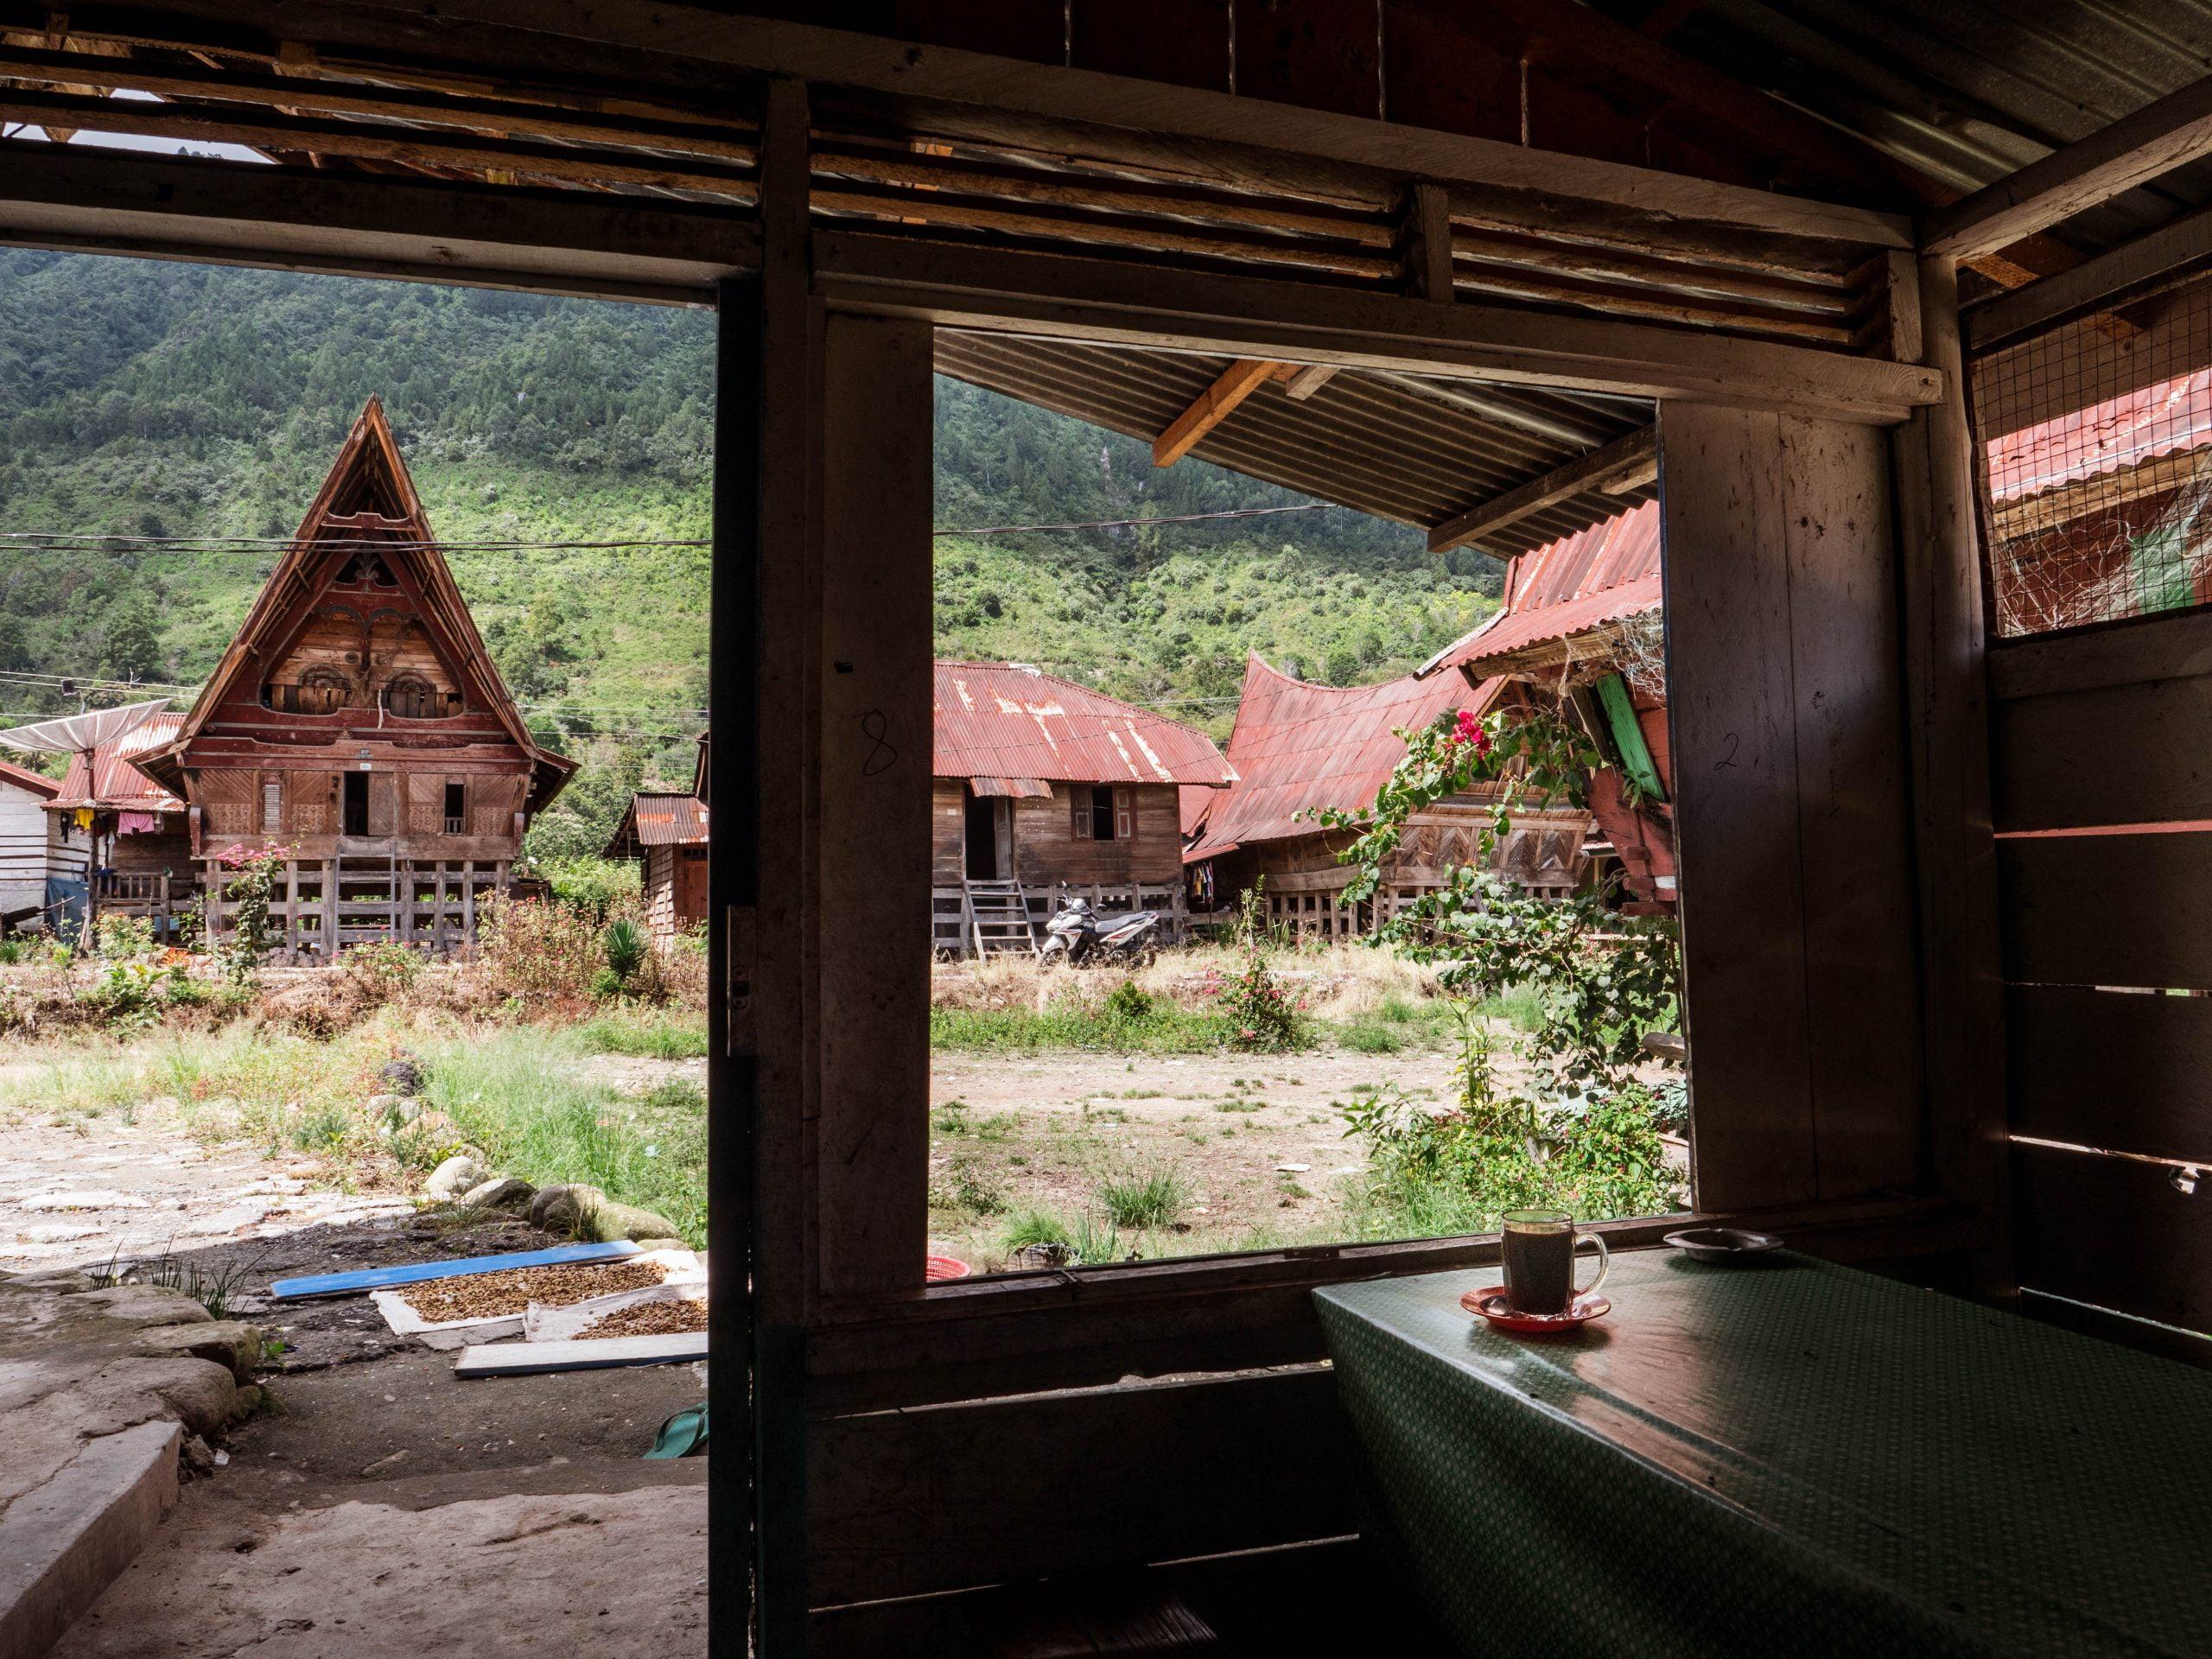 lac toba huta bolong café scaled - Les globe blogueurs - blog voyage nature